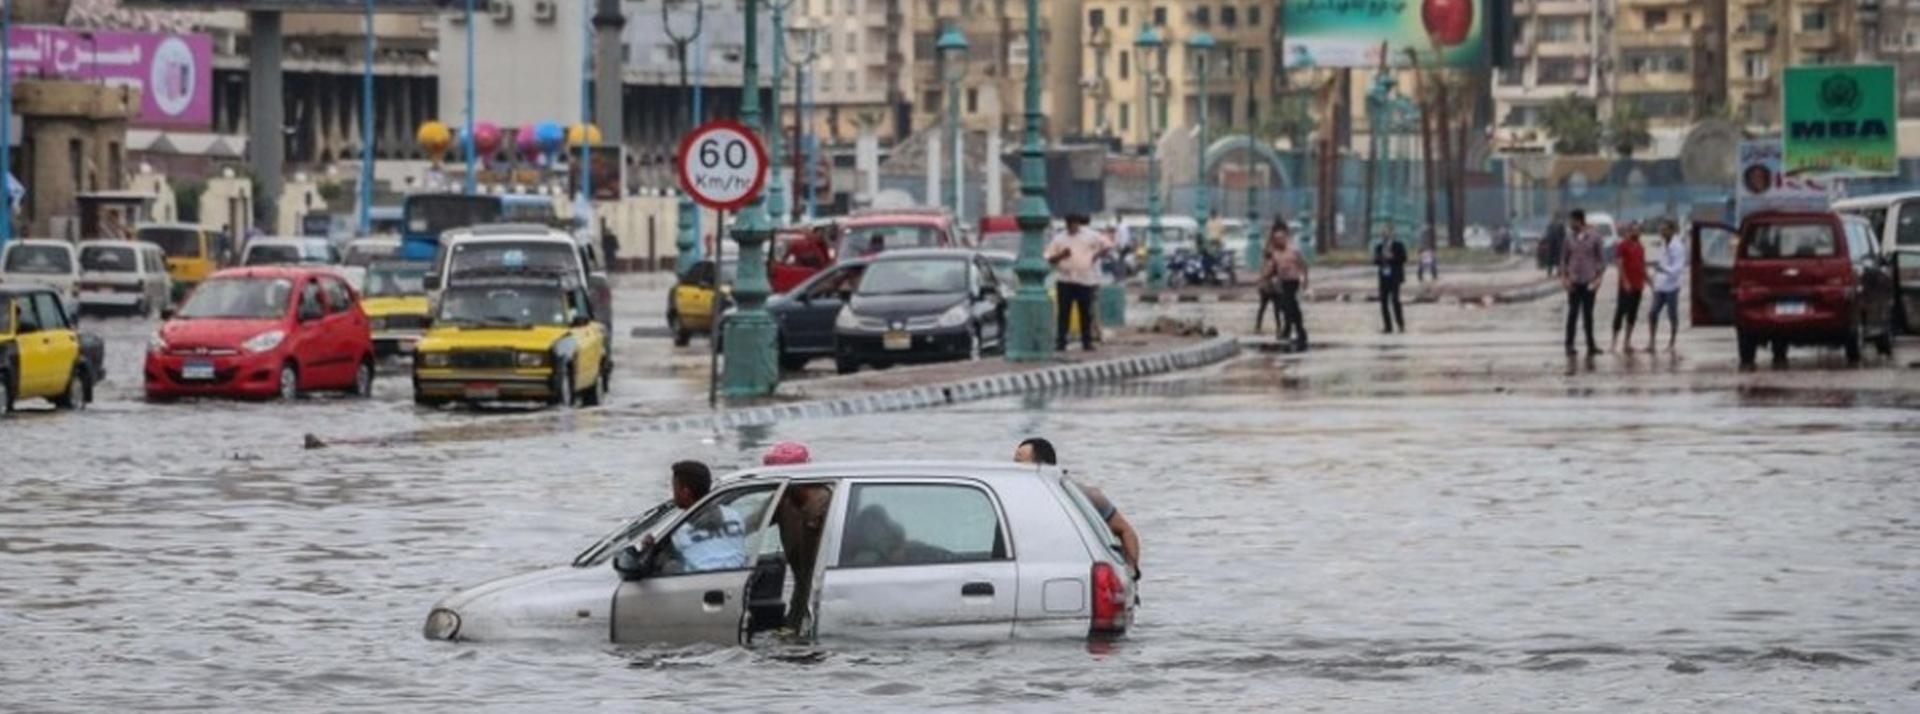 Egypt Flood Relief